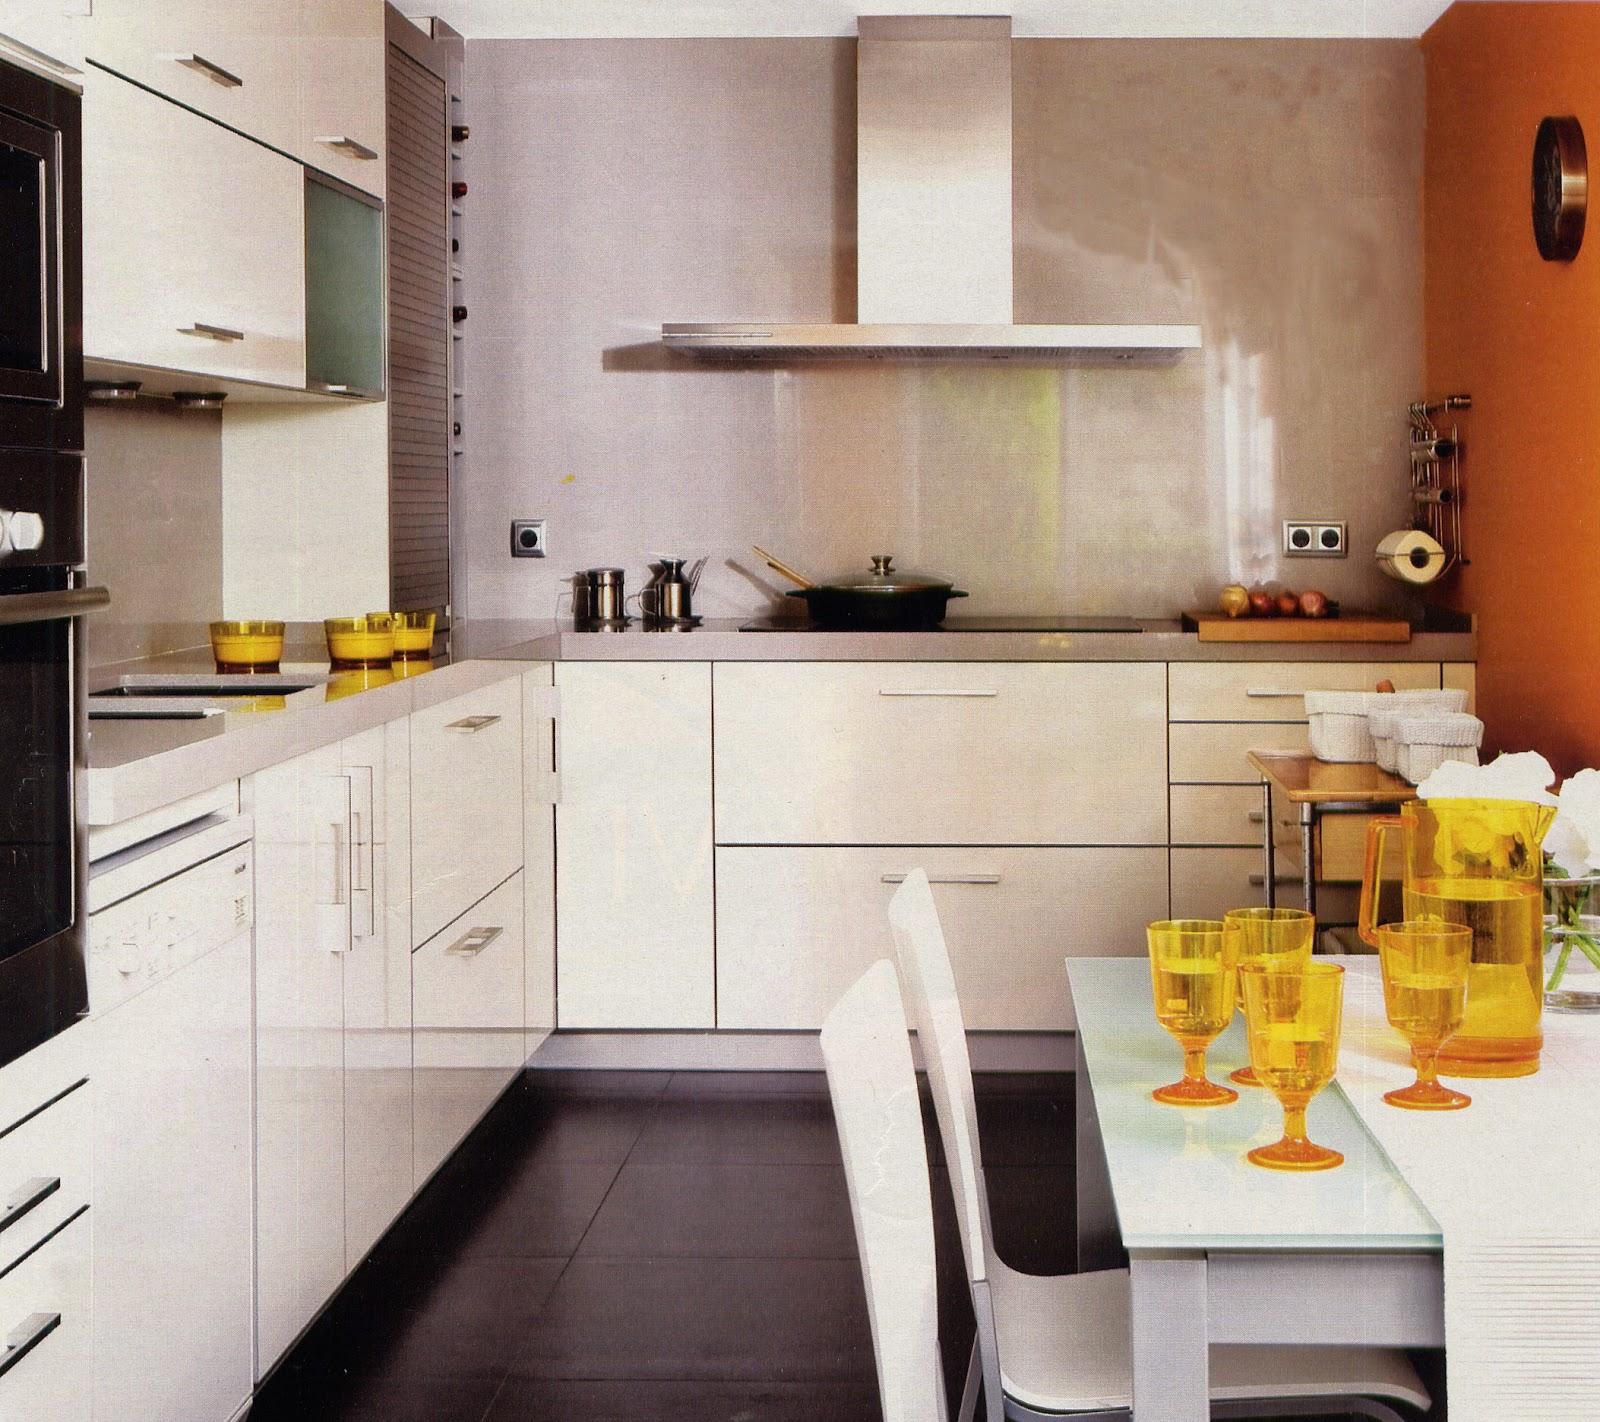 1 dise a tu cocina 2 casa dise o - Disena tu propia cocina ...